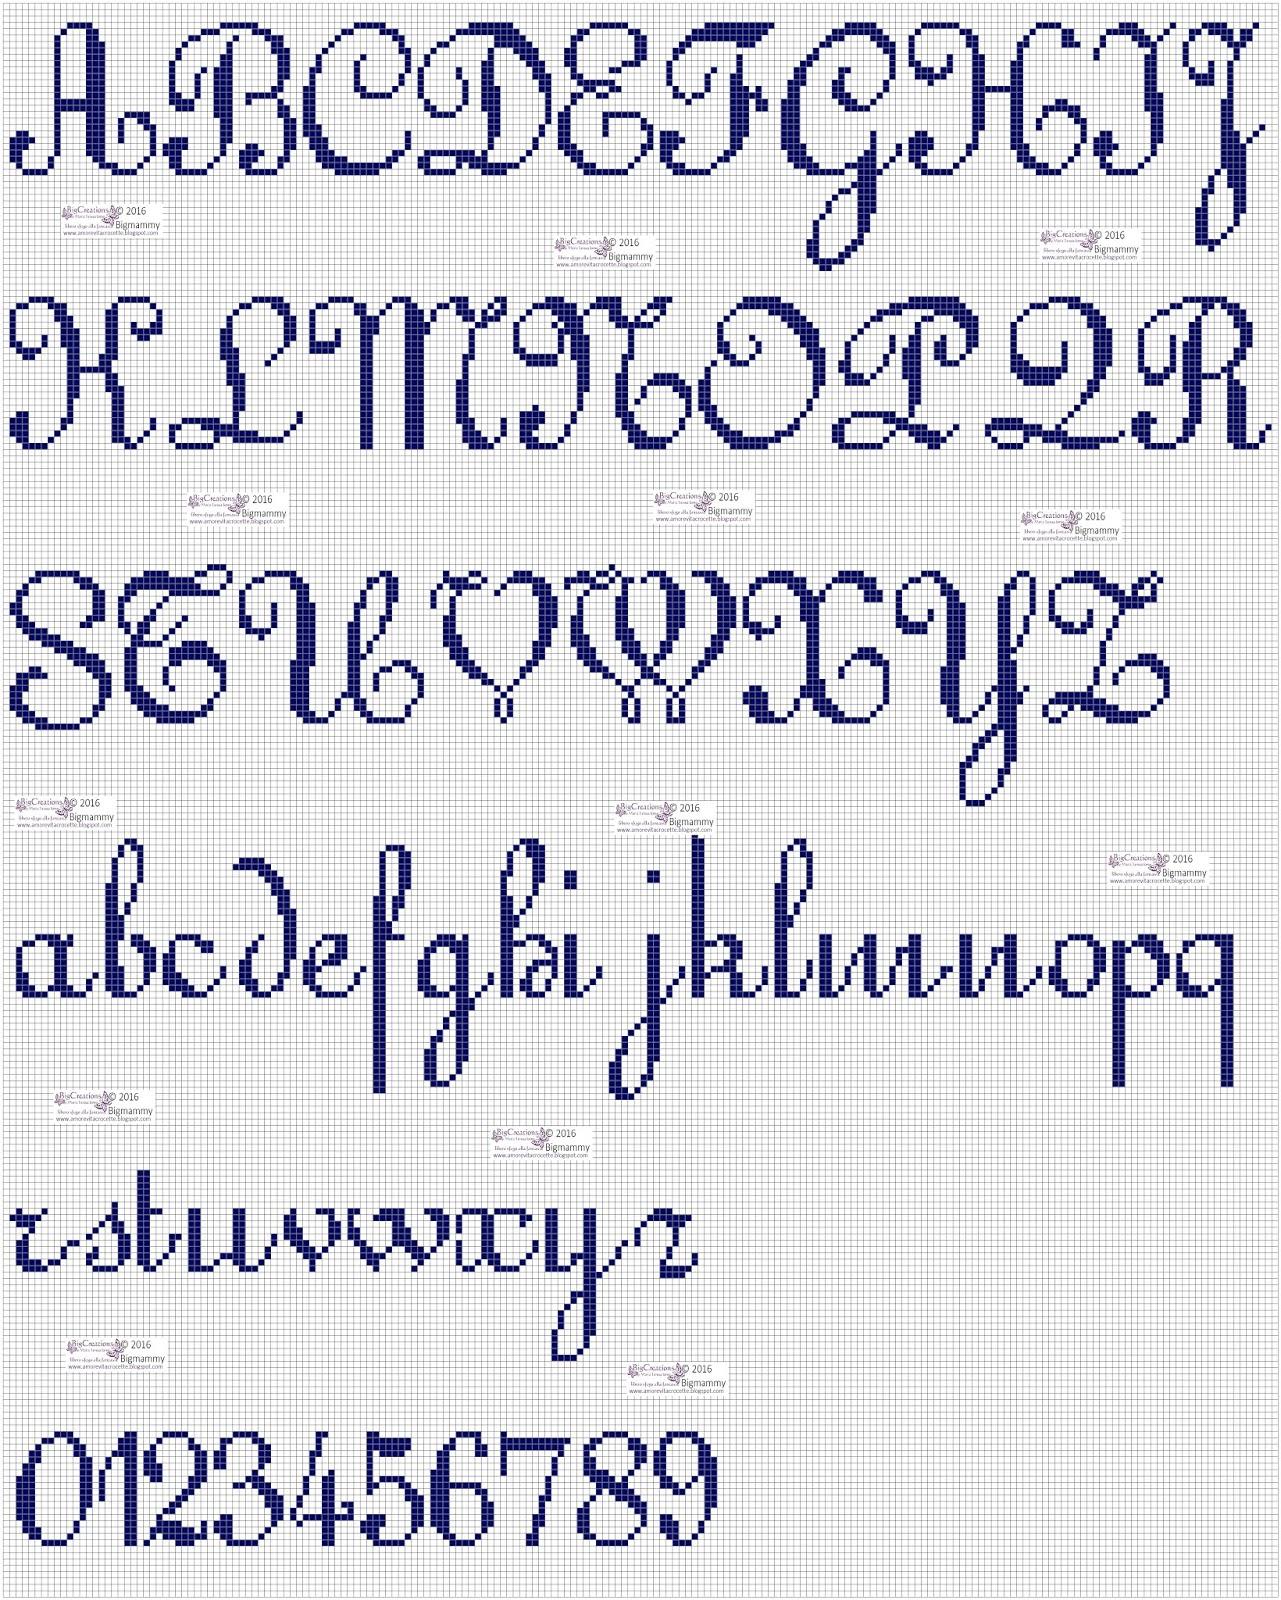 Lettere Punto Croce In Corsivo 28 Images Alfabeti A Punto Croce